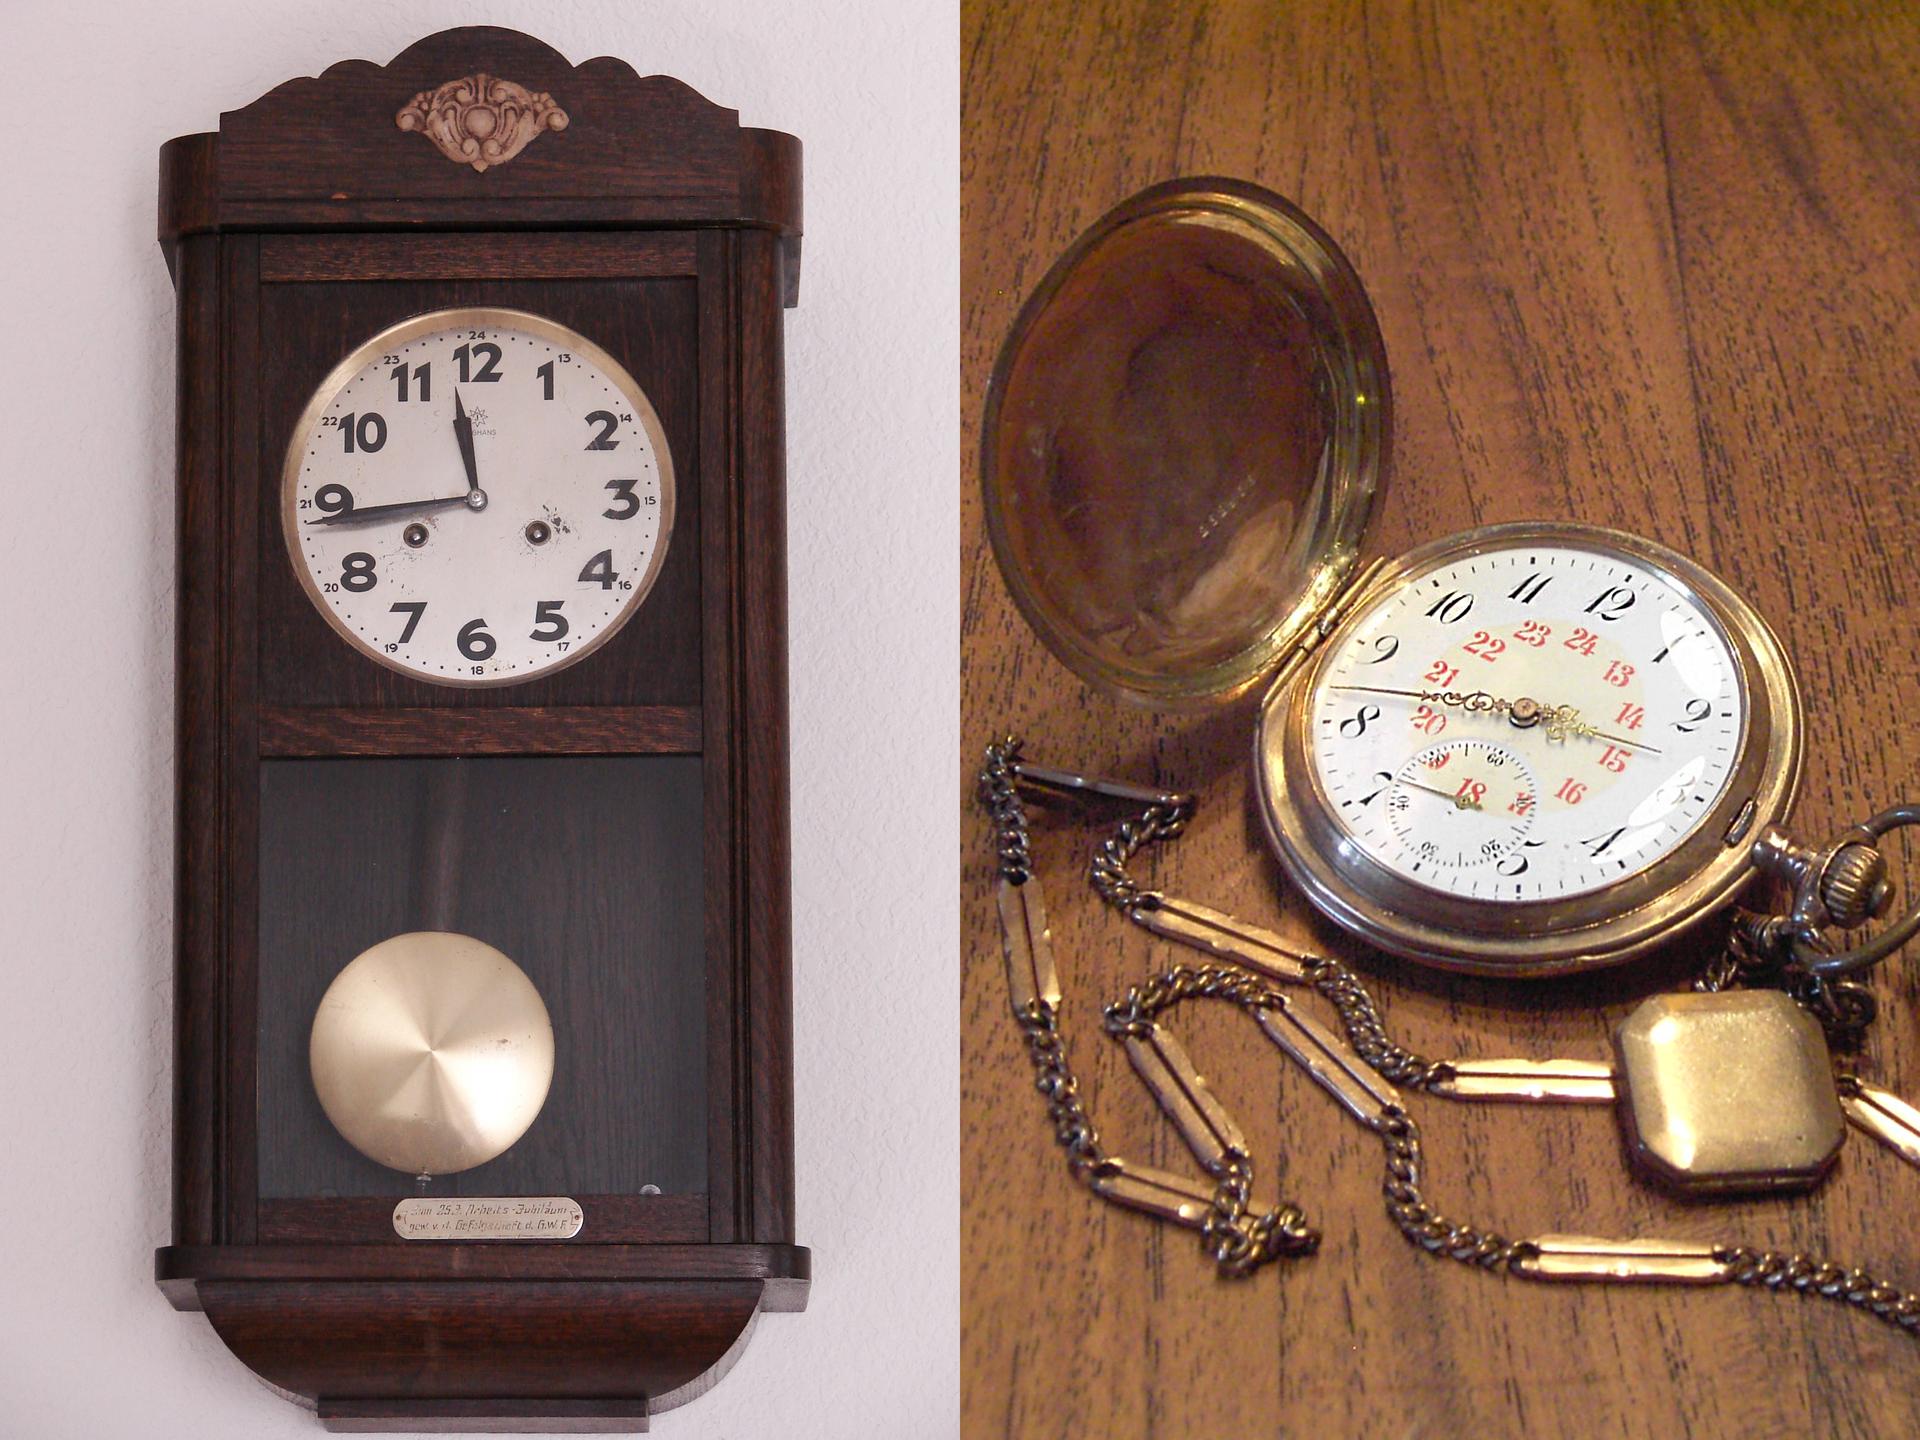 Fotografia przedstawia dwa starodawne zegary: od lewej wahadłowy, naścienny, po prawej - mechaniczny, złańcuszkiem.